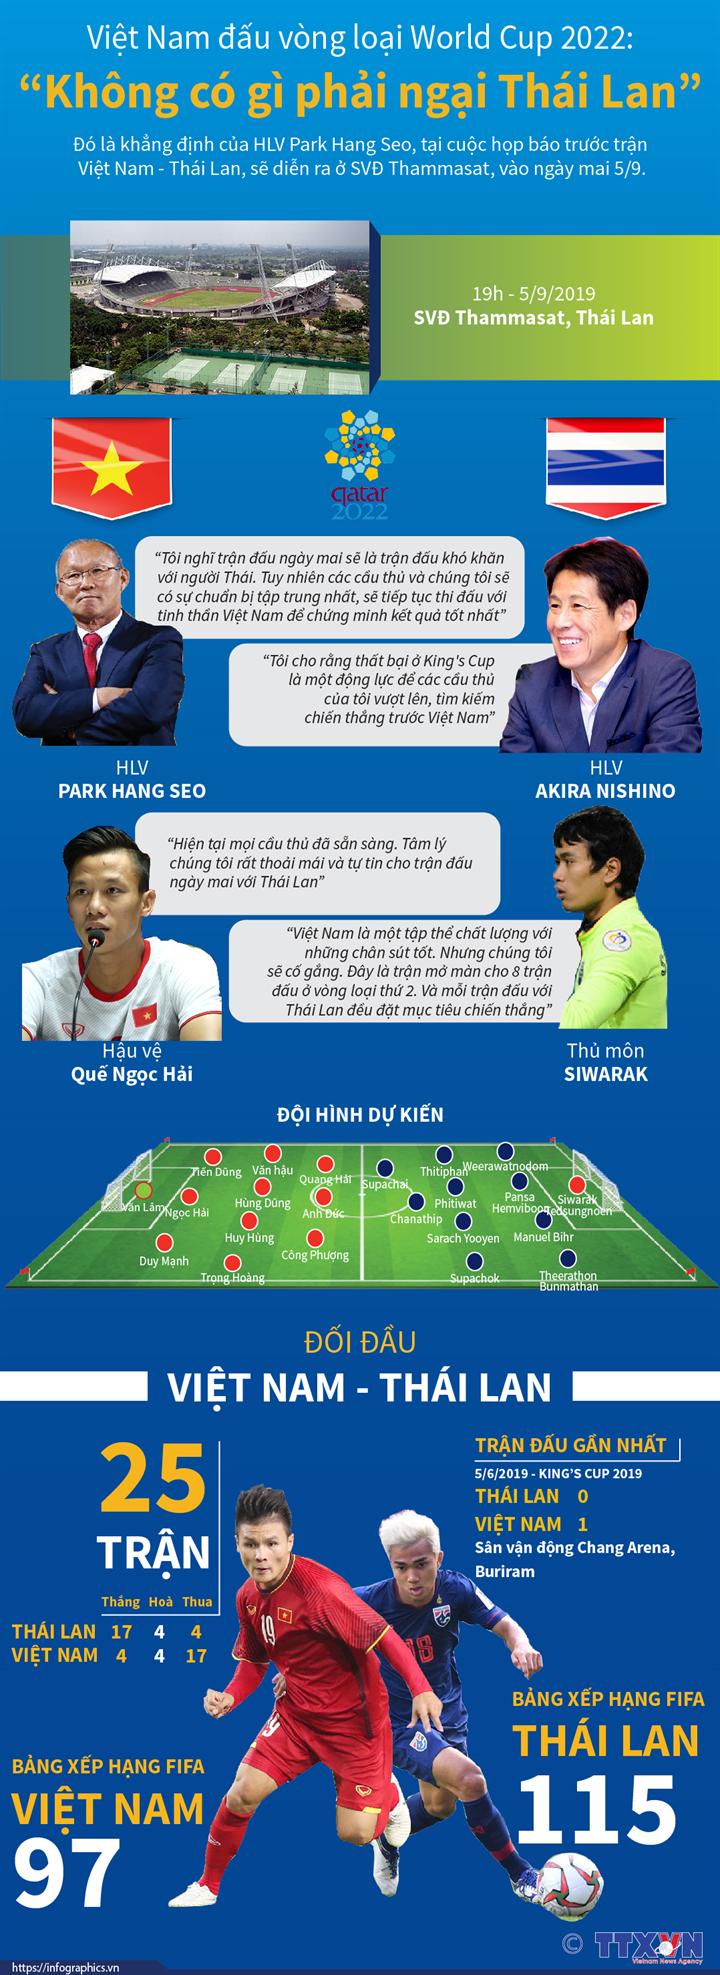 """Việt Nam đấu vòng loại World Cup 2022: """"Không có gì phải ngại Thái Lan"""""""